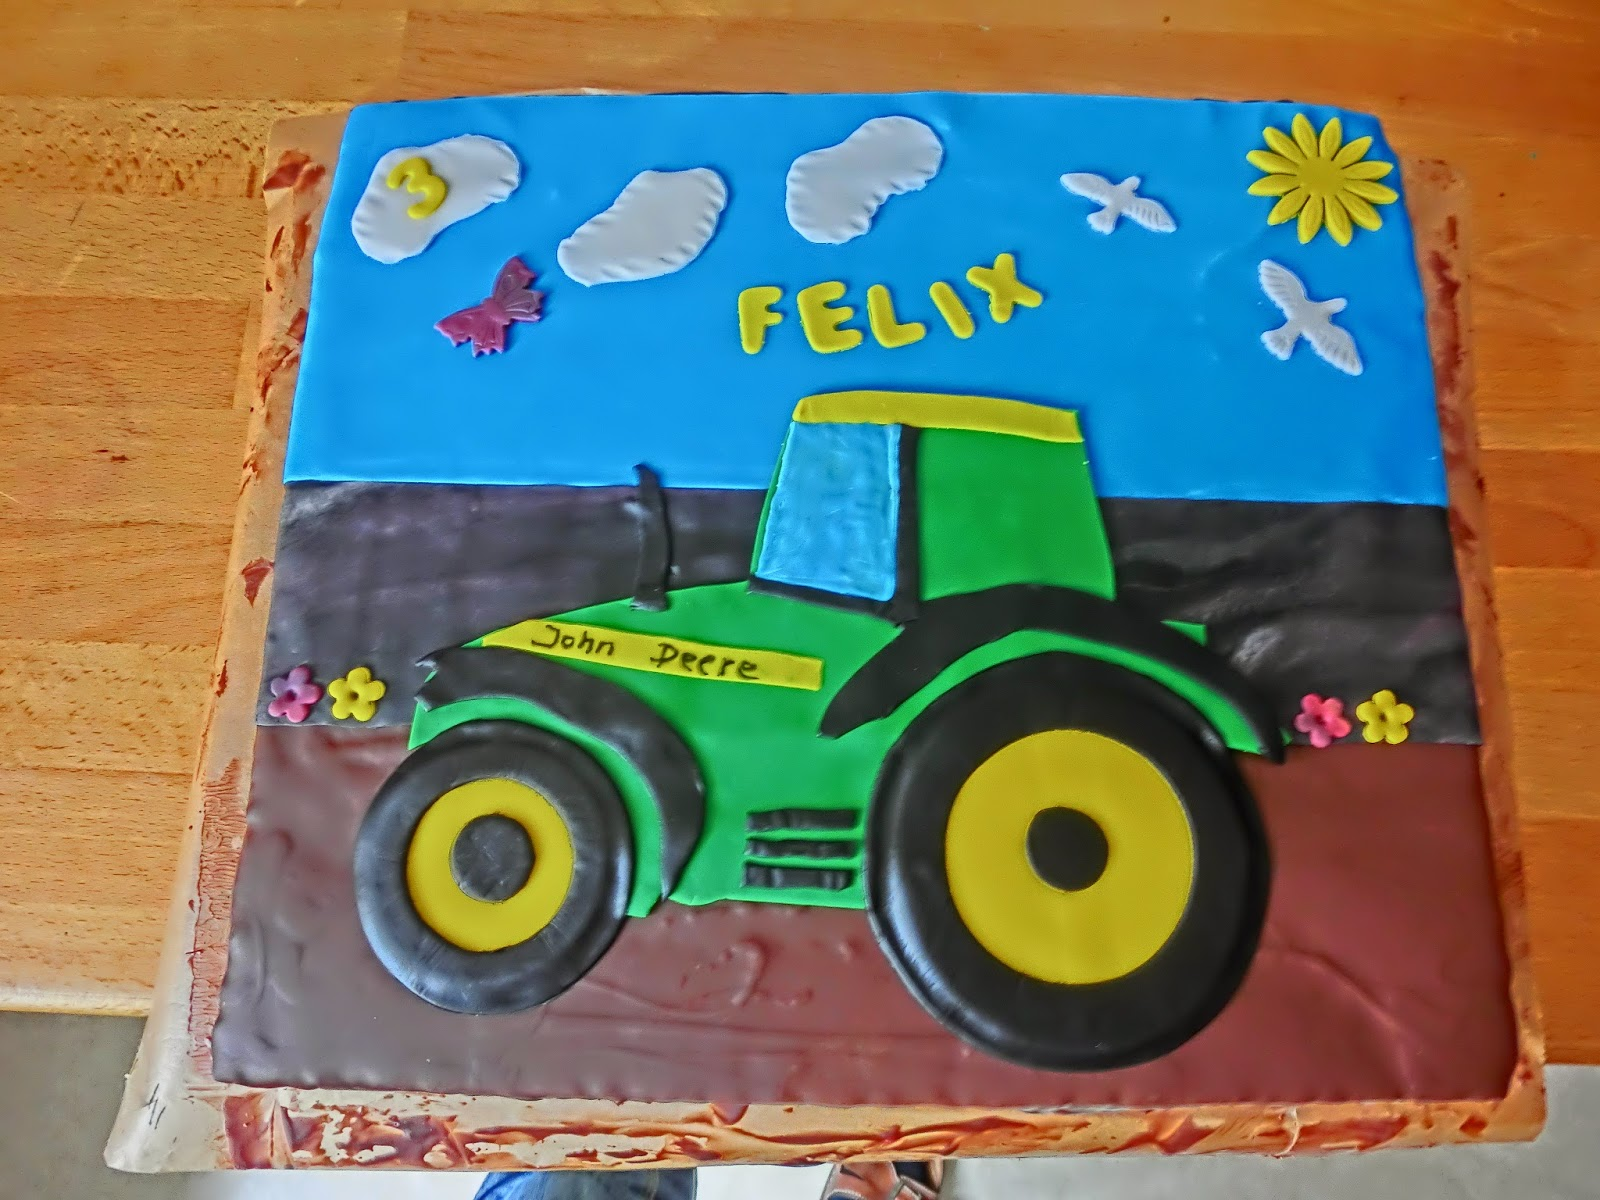 Rot Knappchen Backt 18 05 Traktor Torte Fur Felix 3